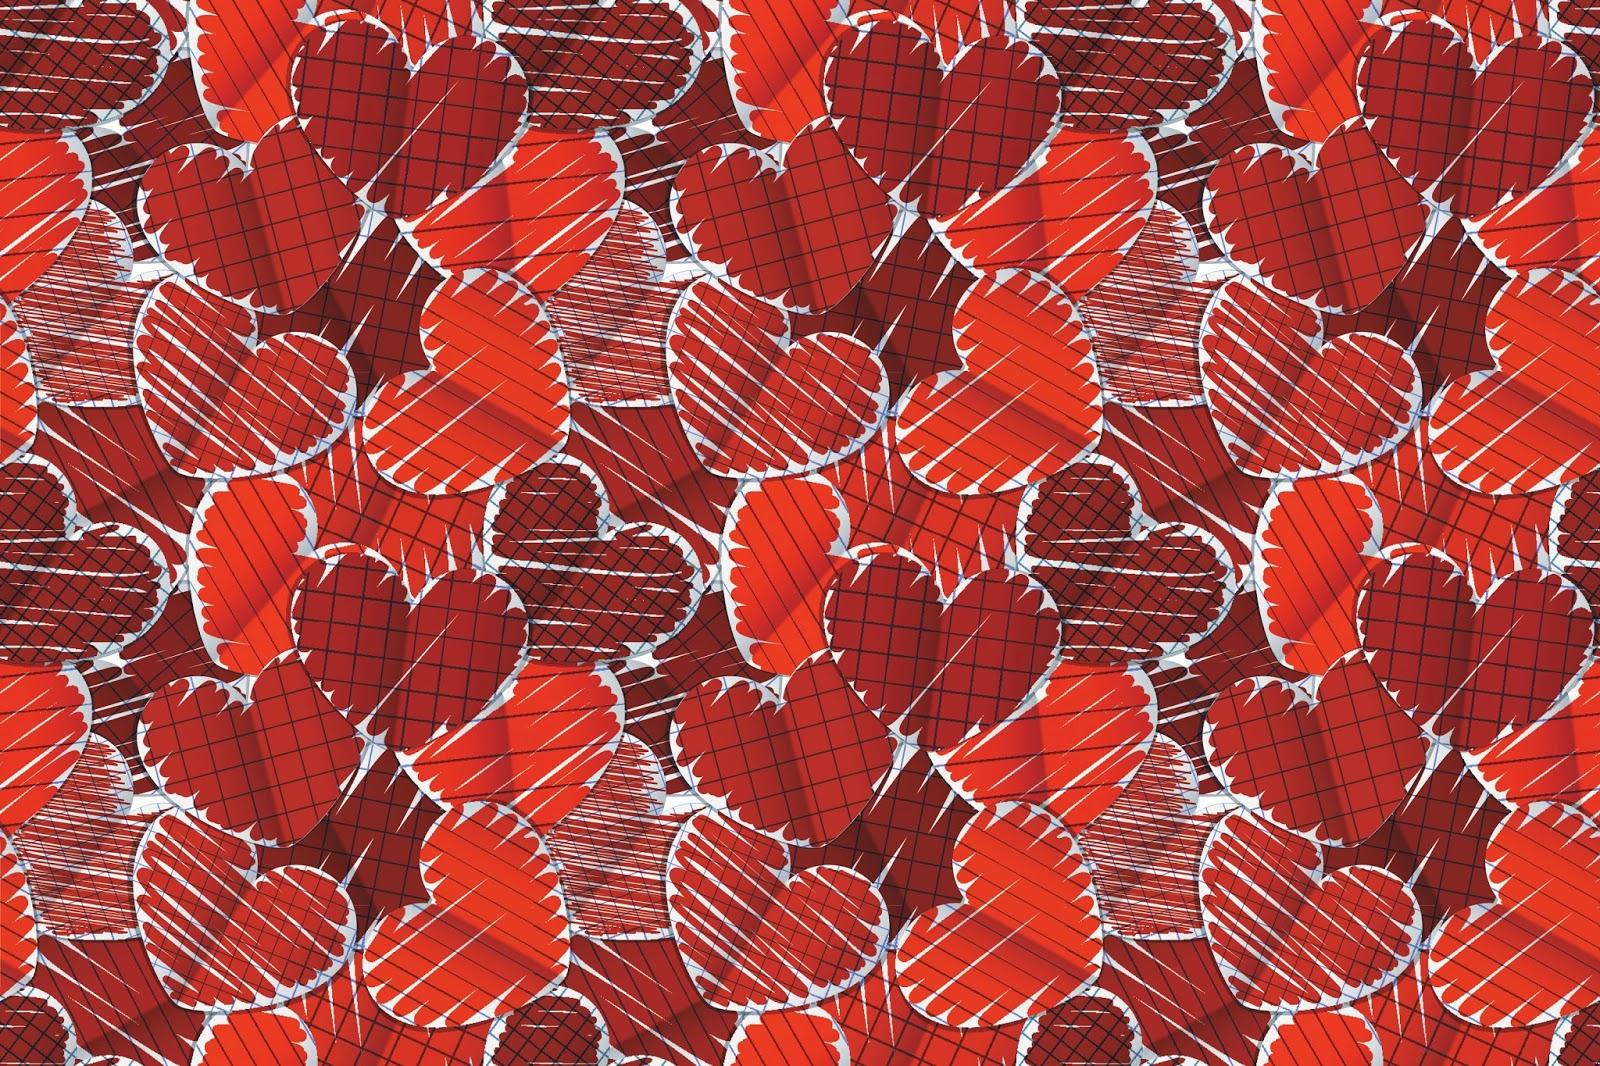 Fondos De Pantalla San Valentin Gratis: Corazones Rojos Pintados En Una Hoja